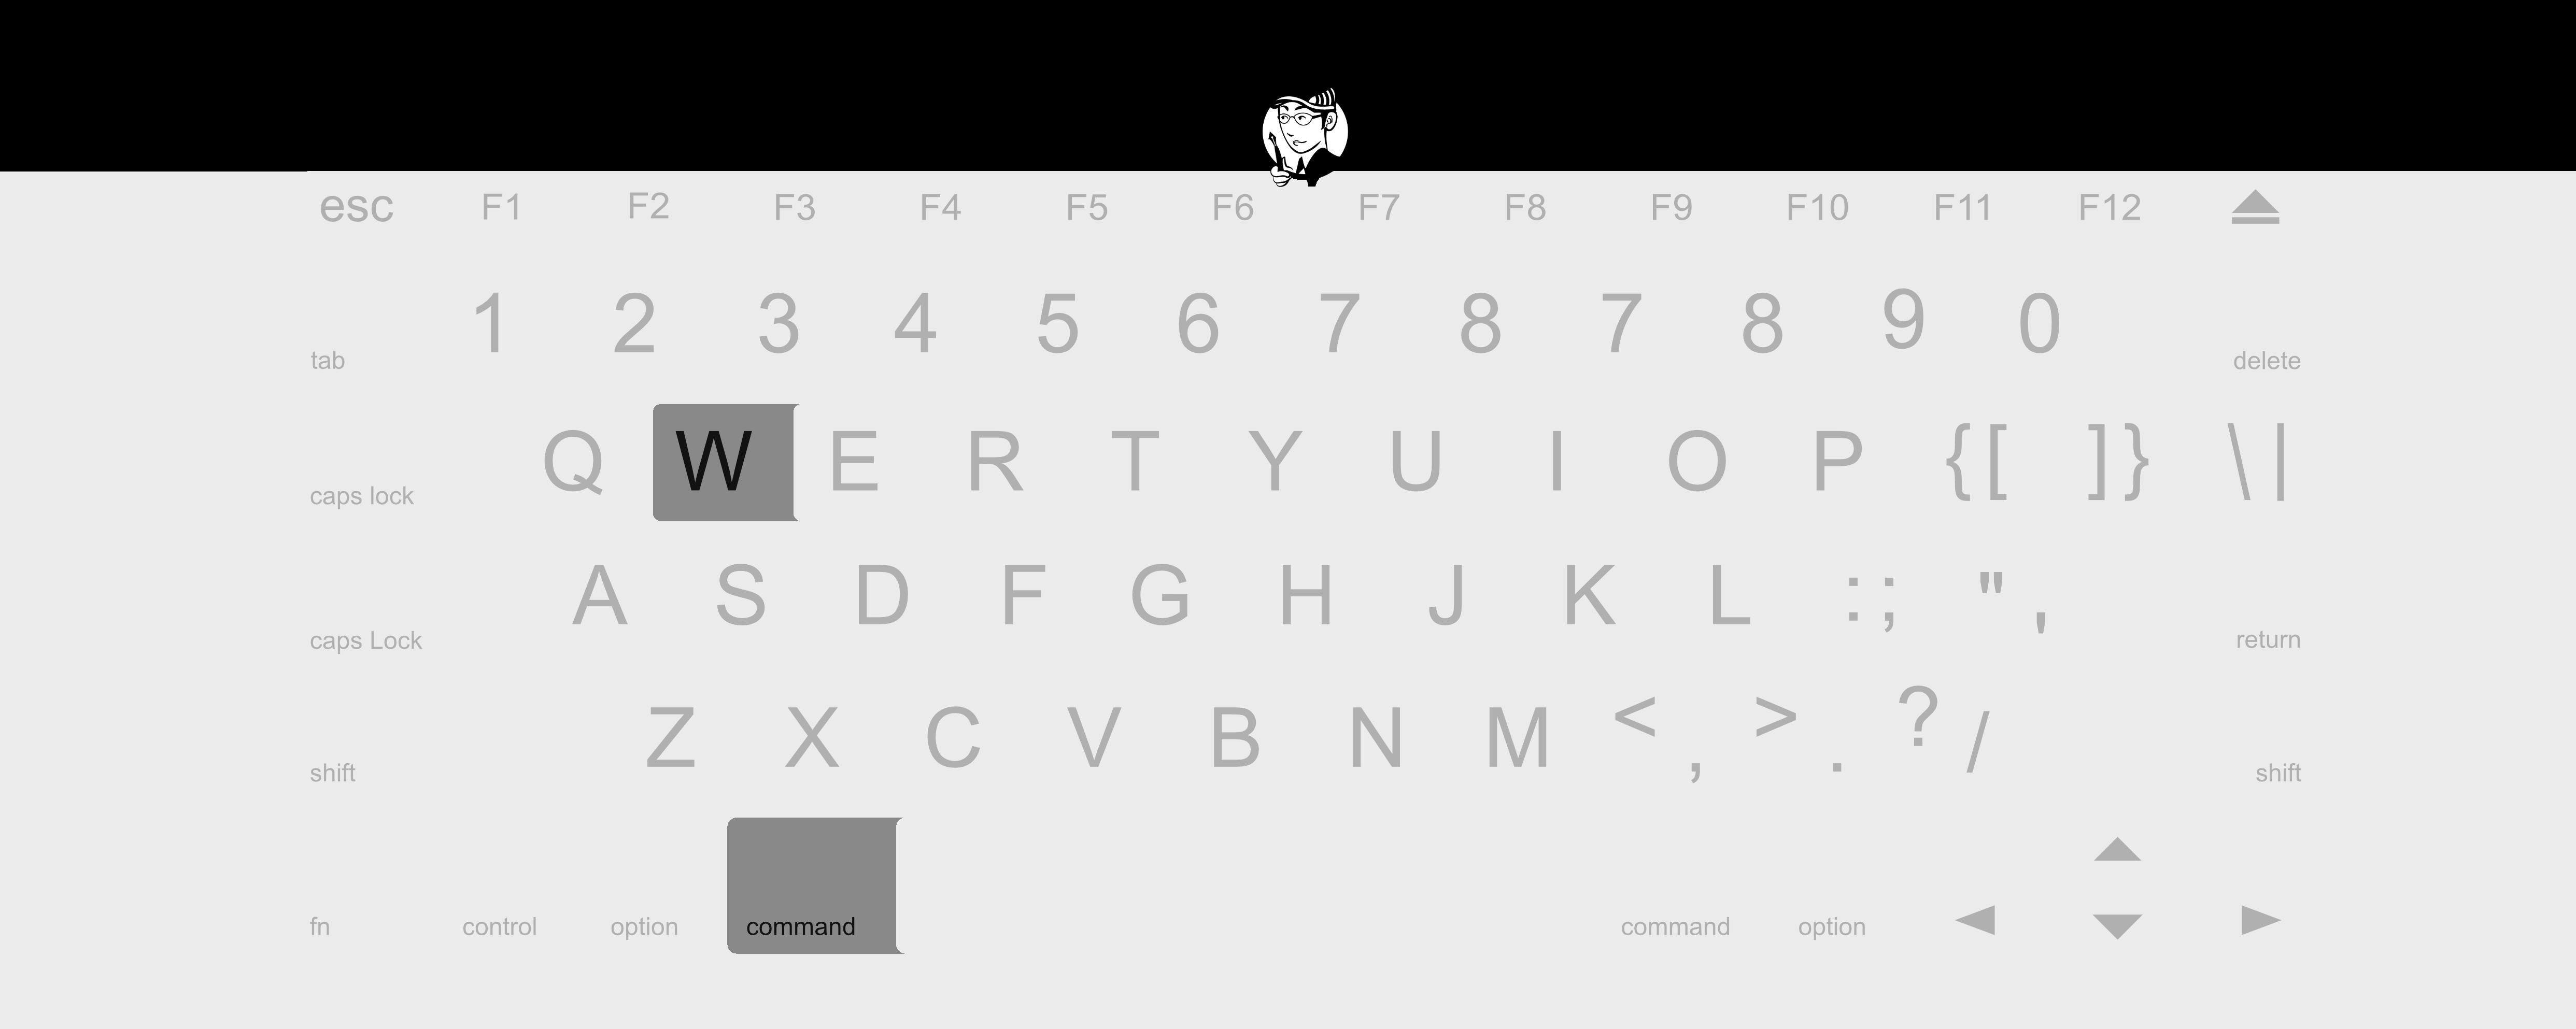 按住鍵盤上的 Command +W 即可關閉視窗